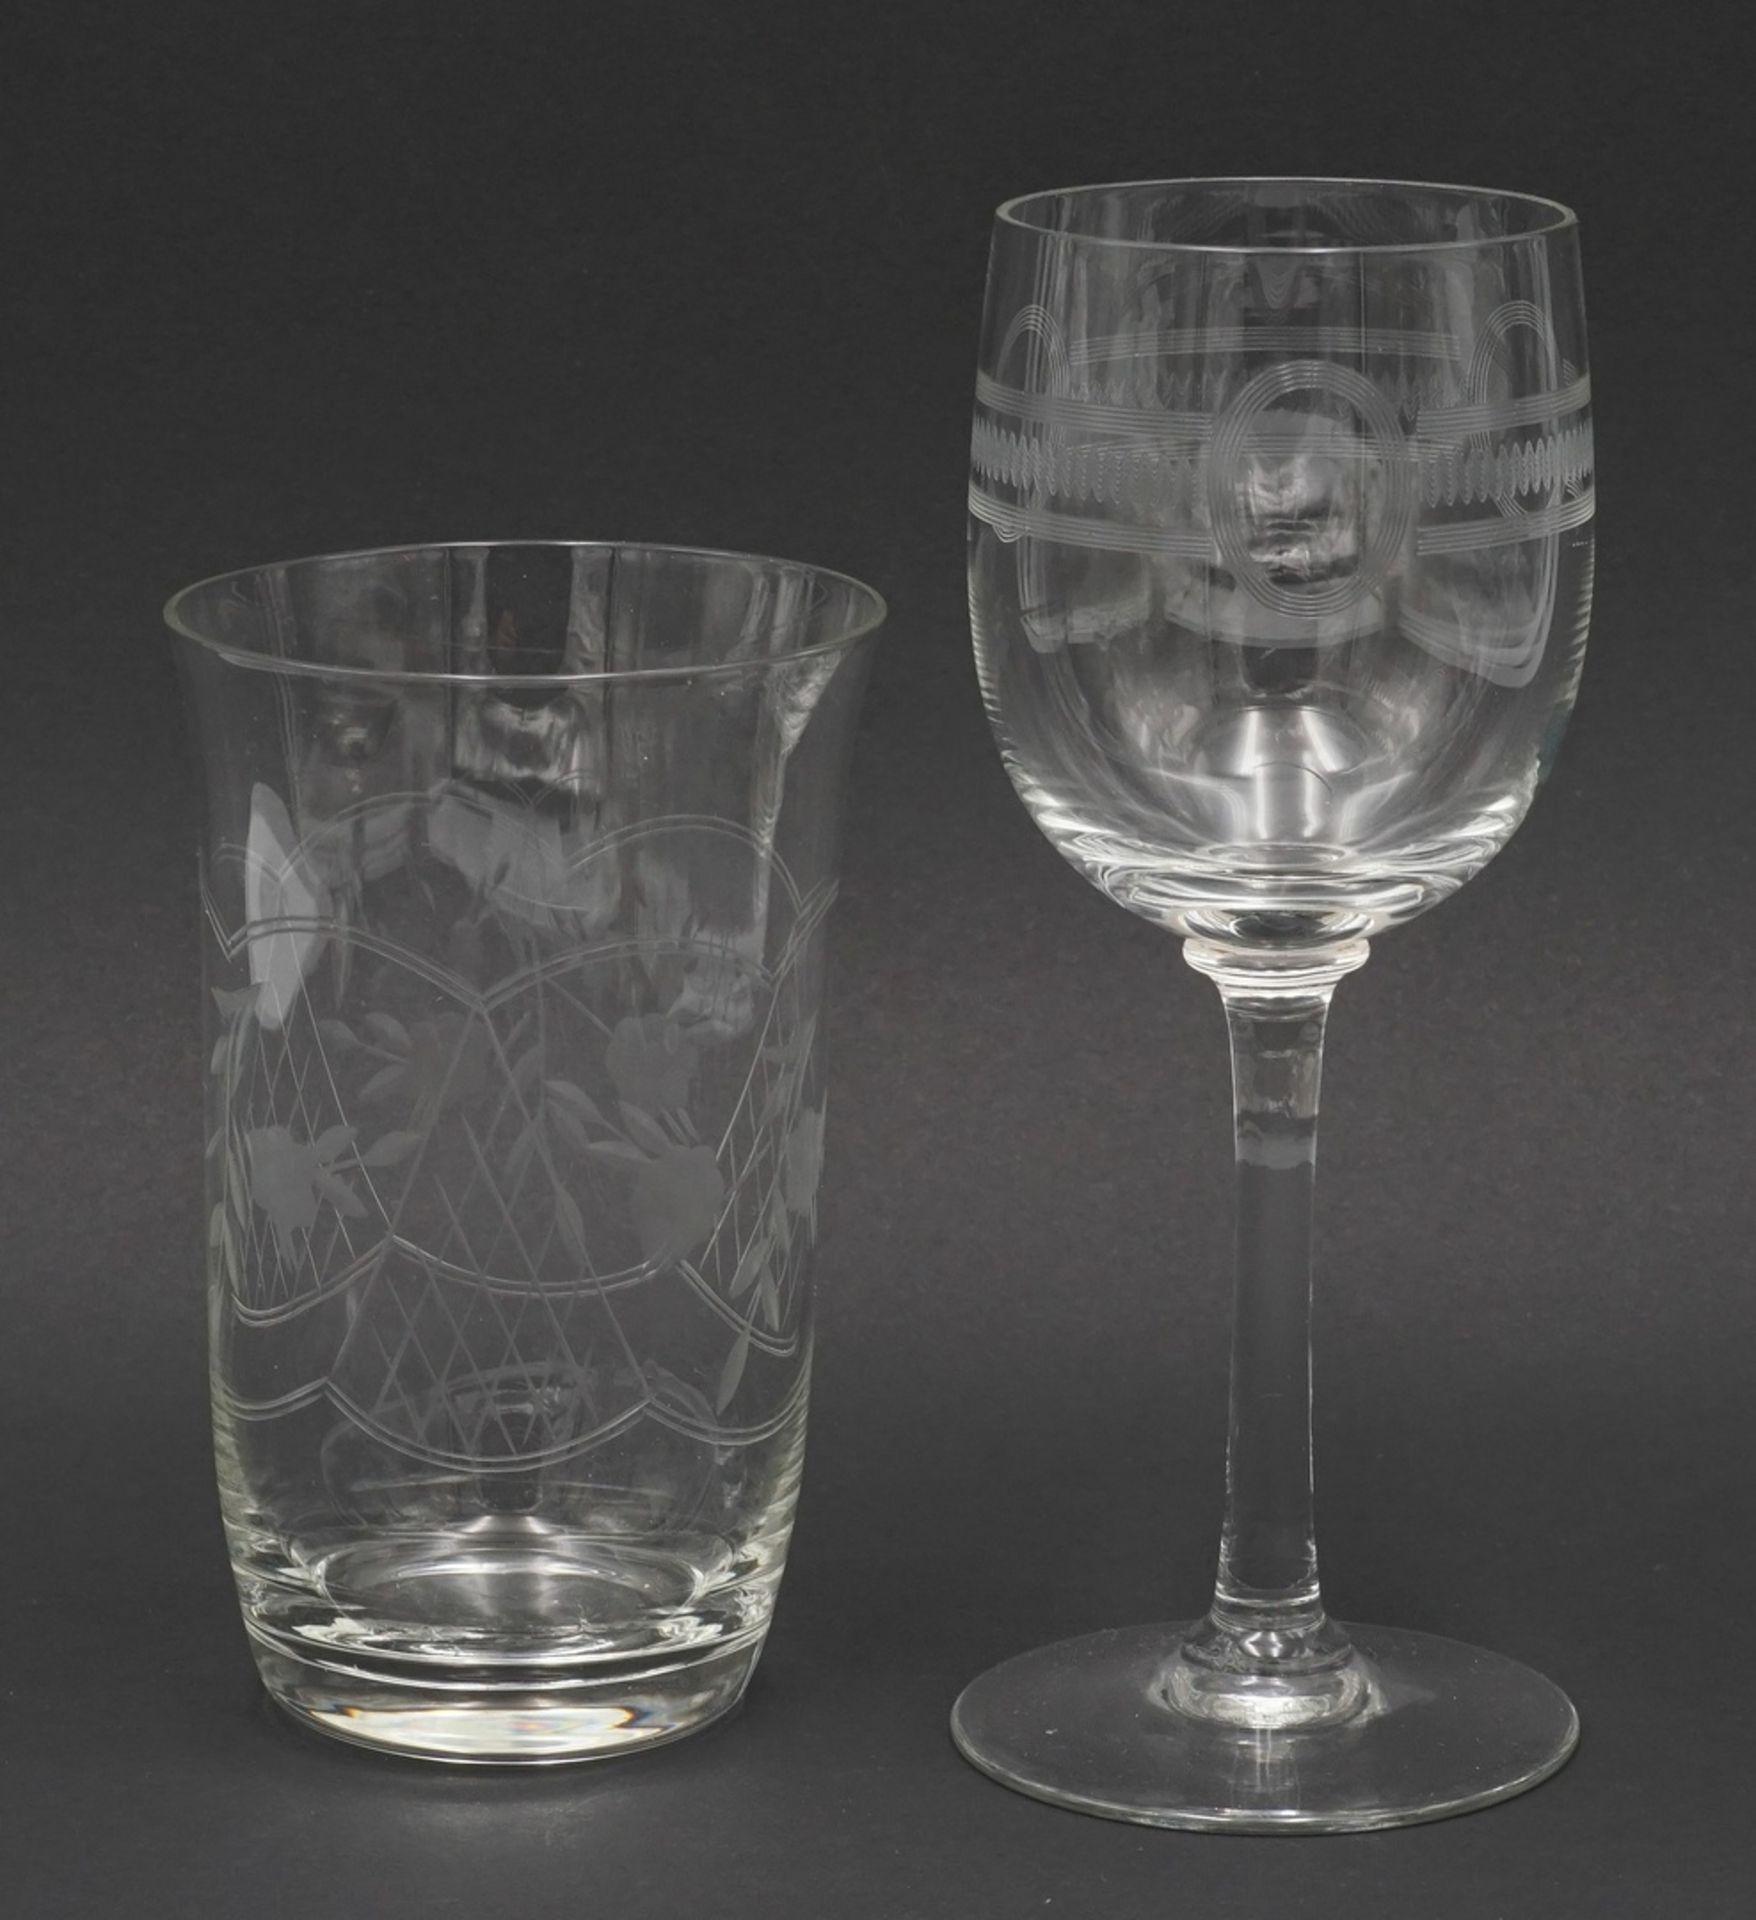 Sechs Wassergläser und fünf Weingläser - Bild 2 aus 3